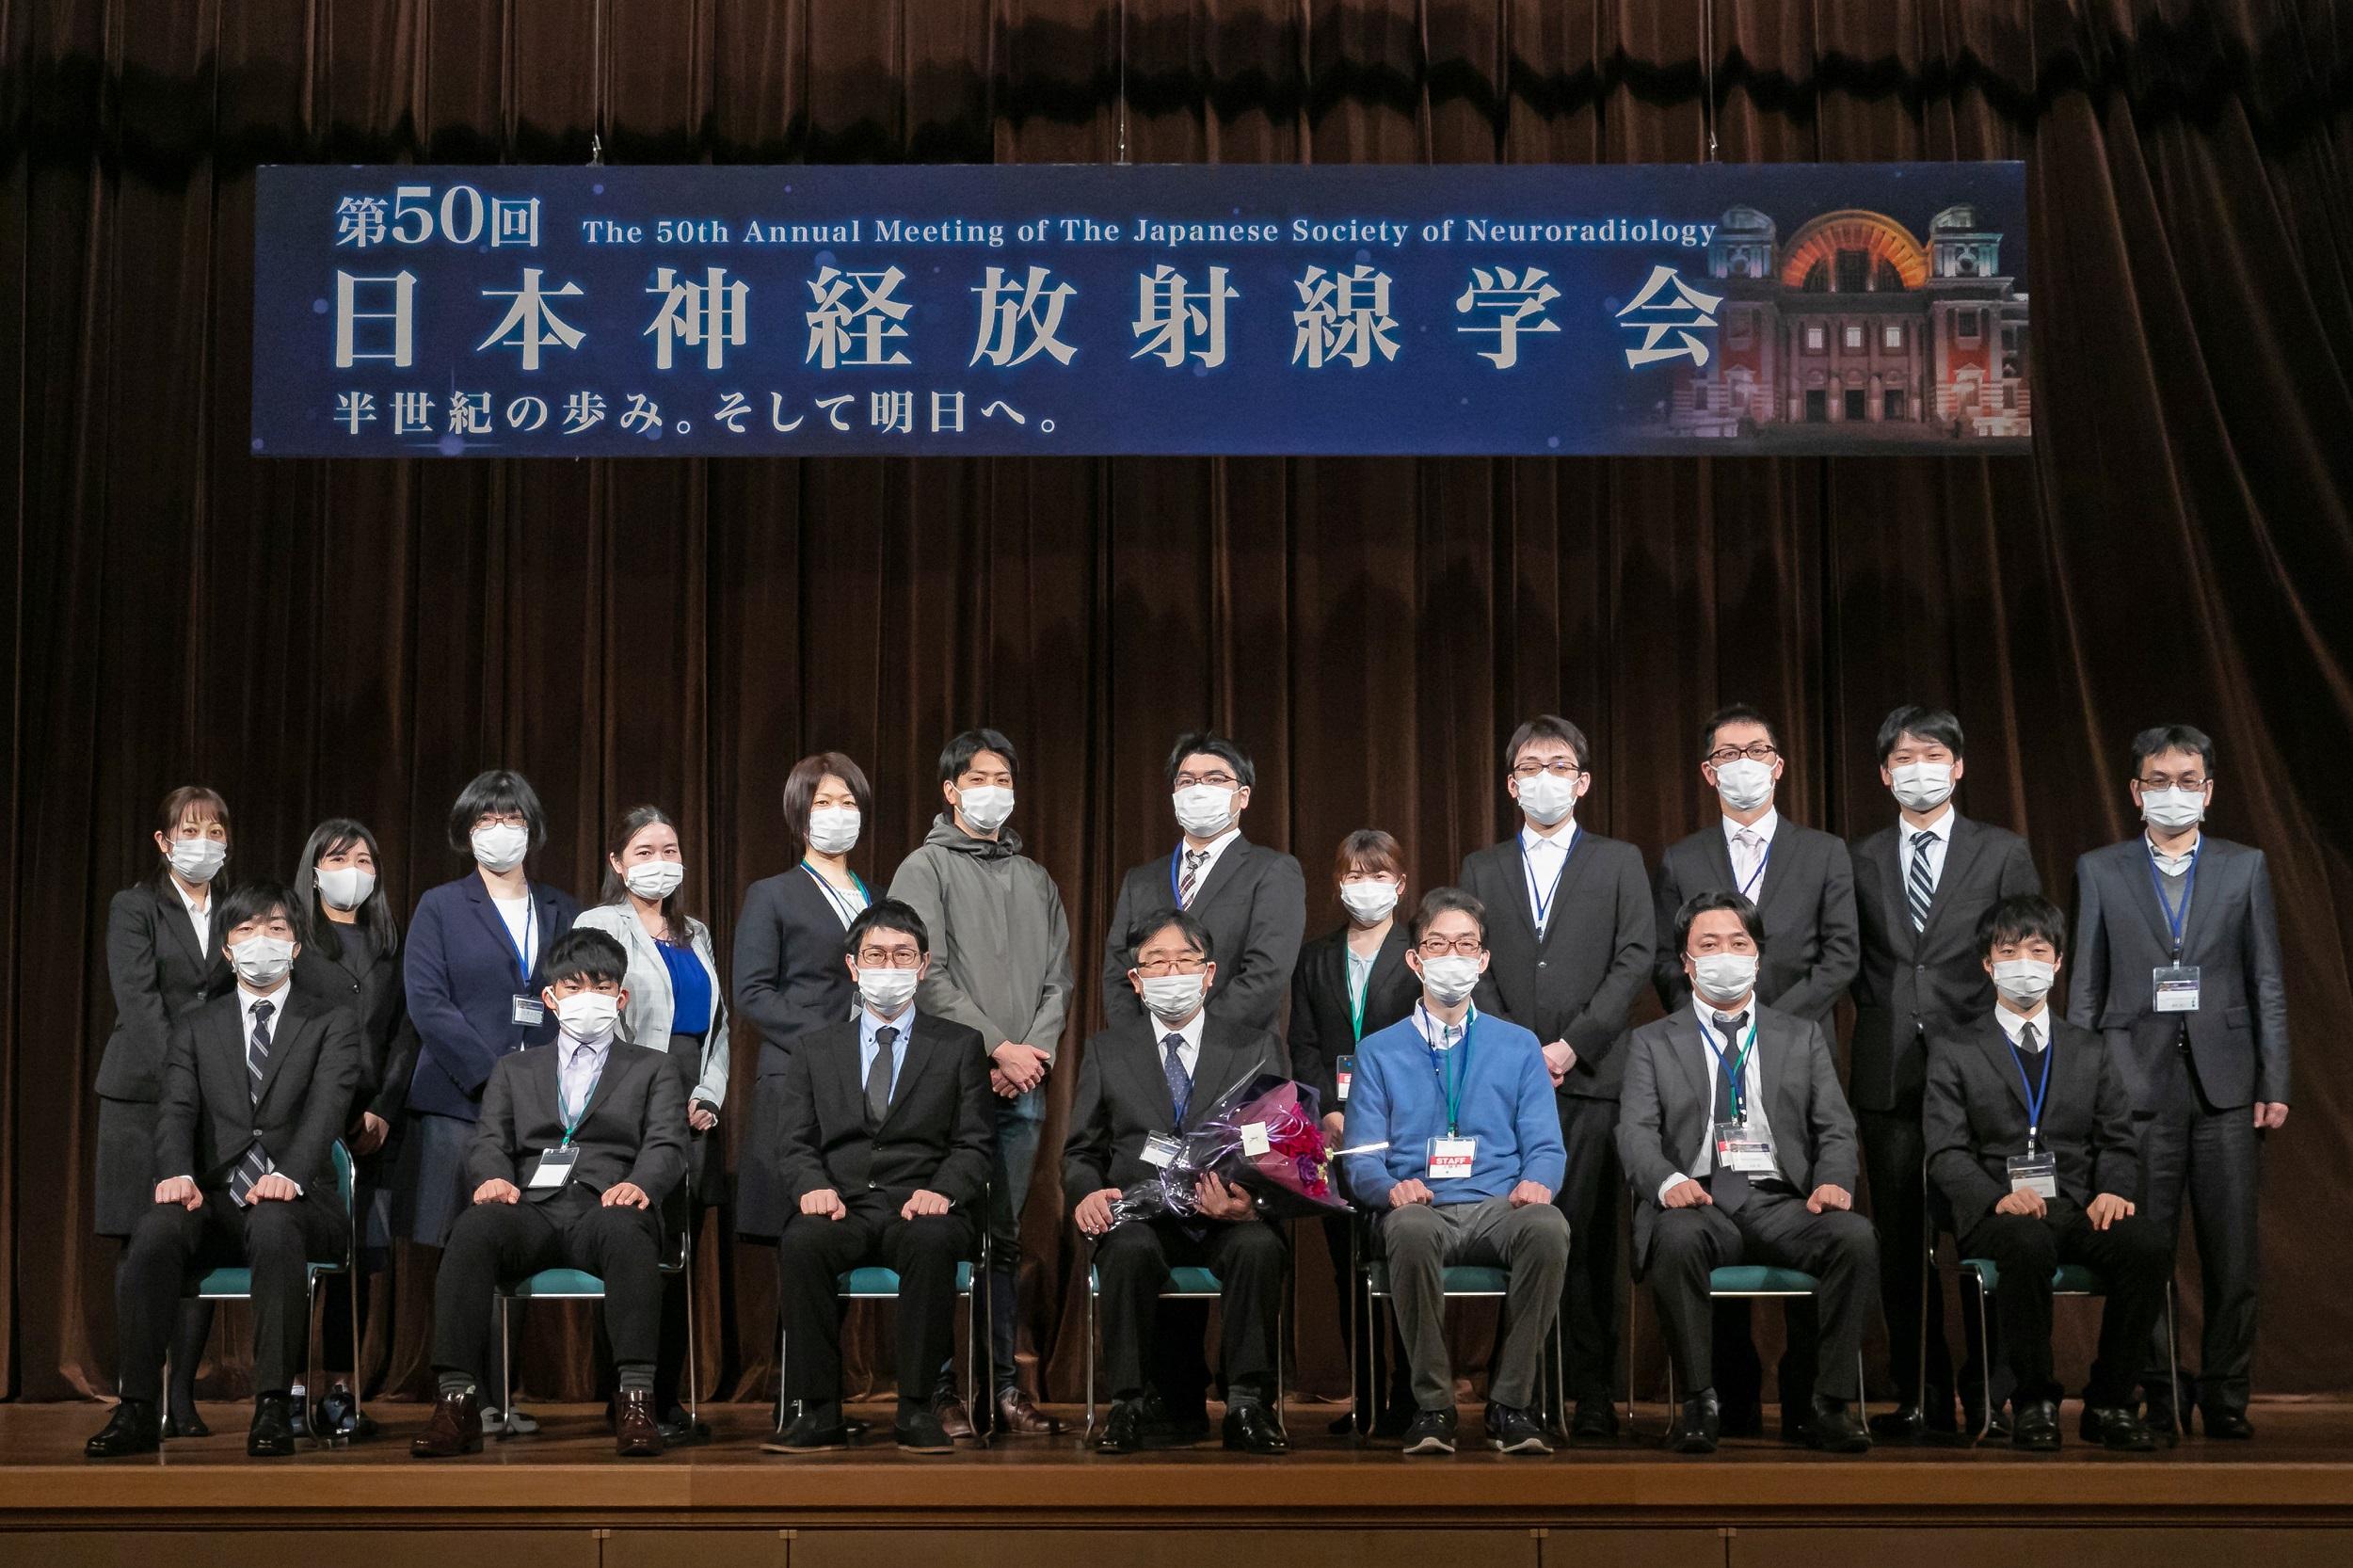 第50回日本神経放射線学会の現地開催とLive配信を無事終了しました